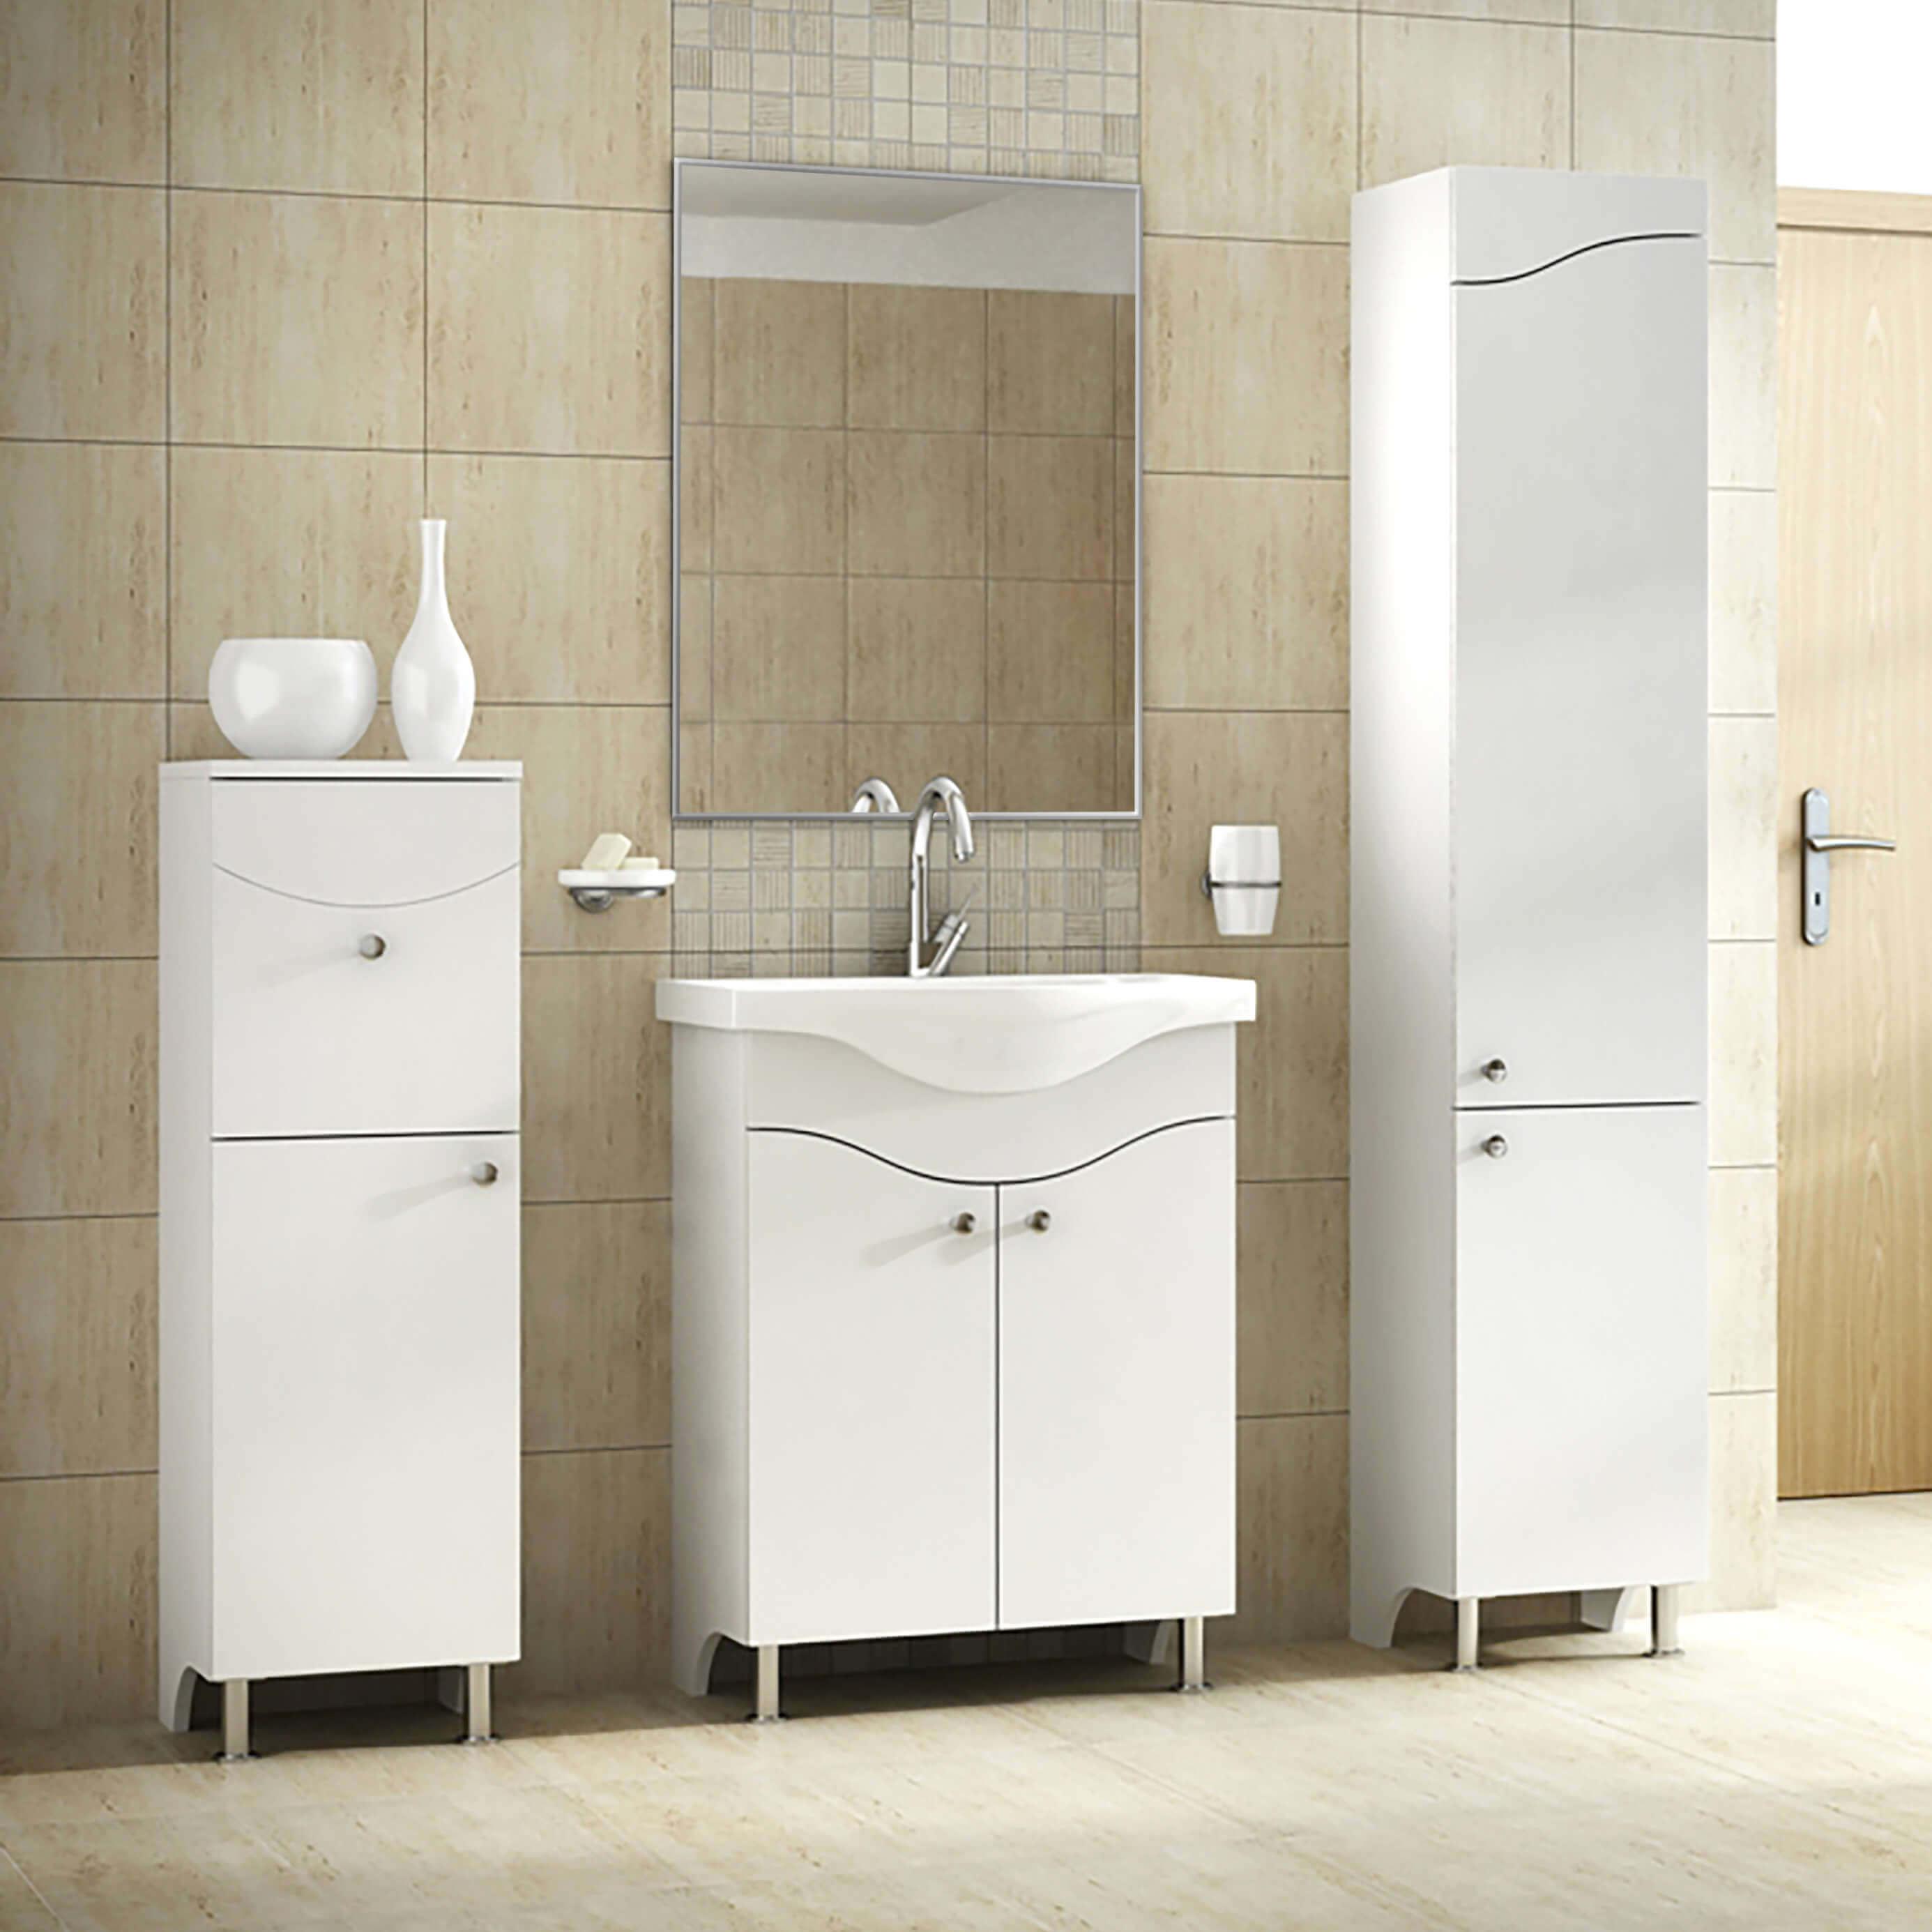 Badezimmermöbel Badmöbel Waschtisch Hochschrank Spiegel Standfüße ...